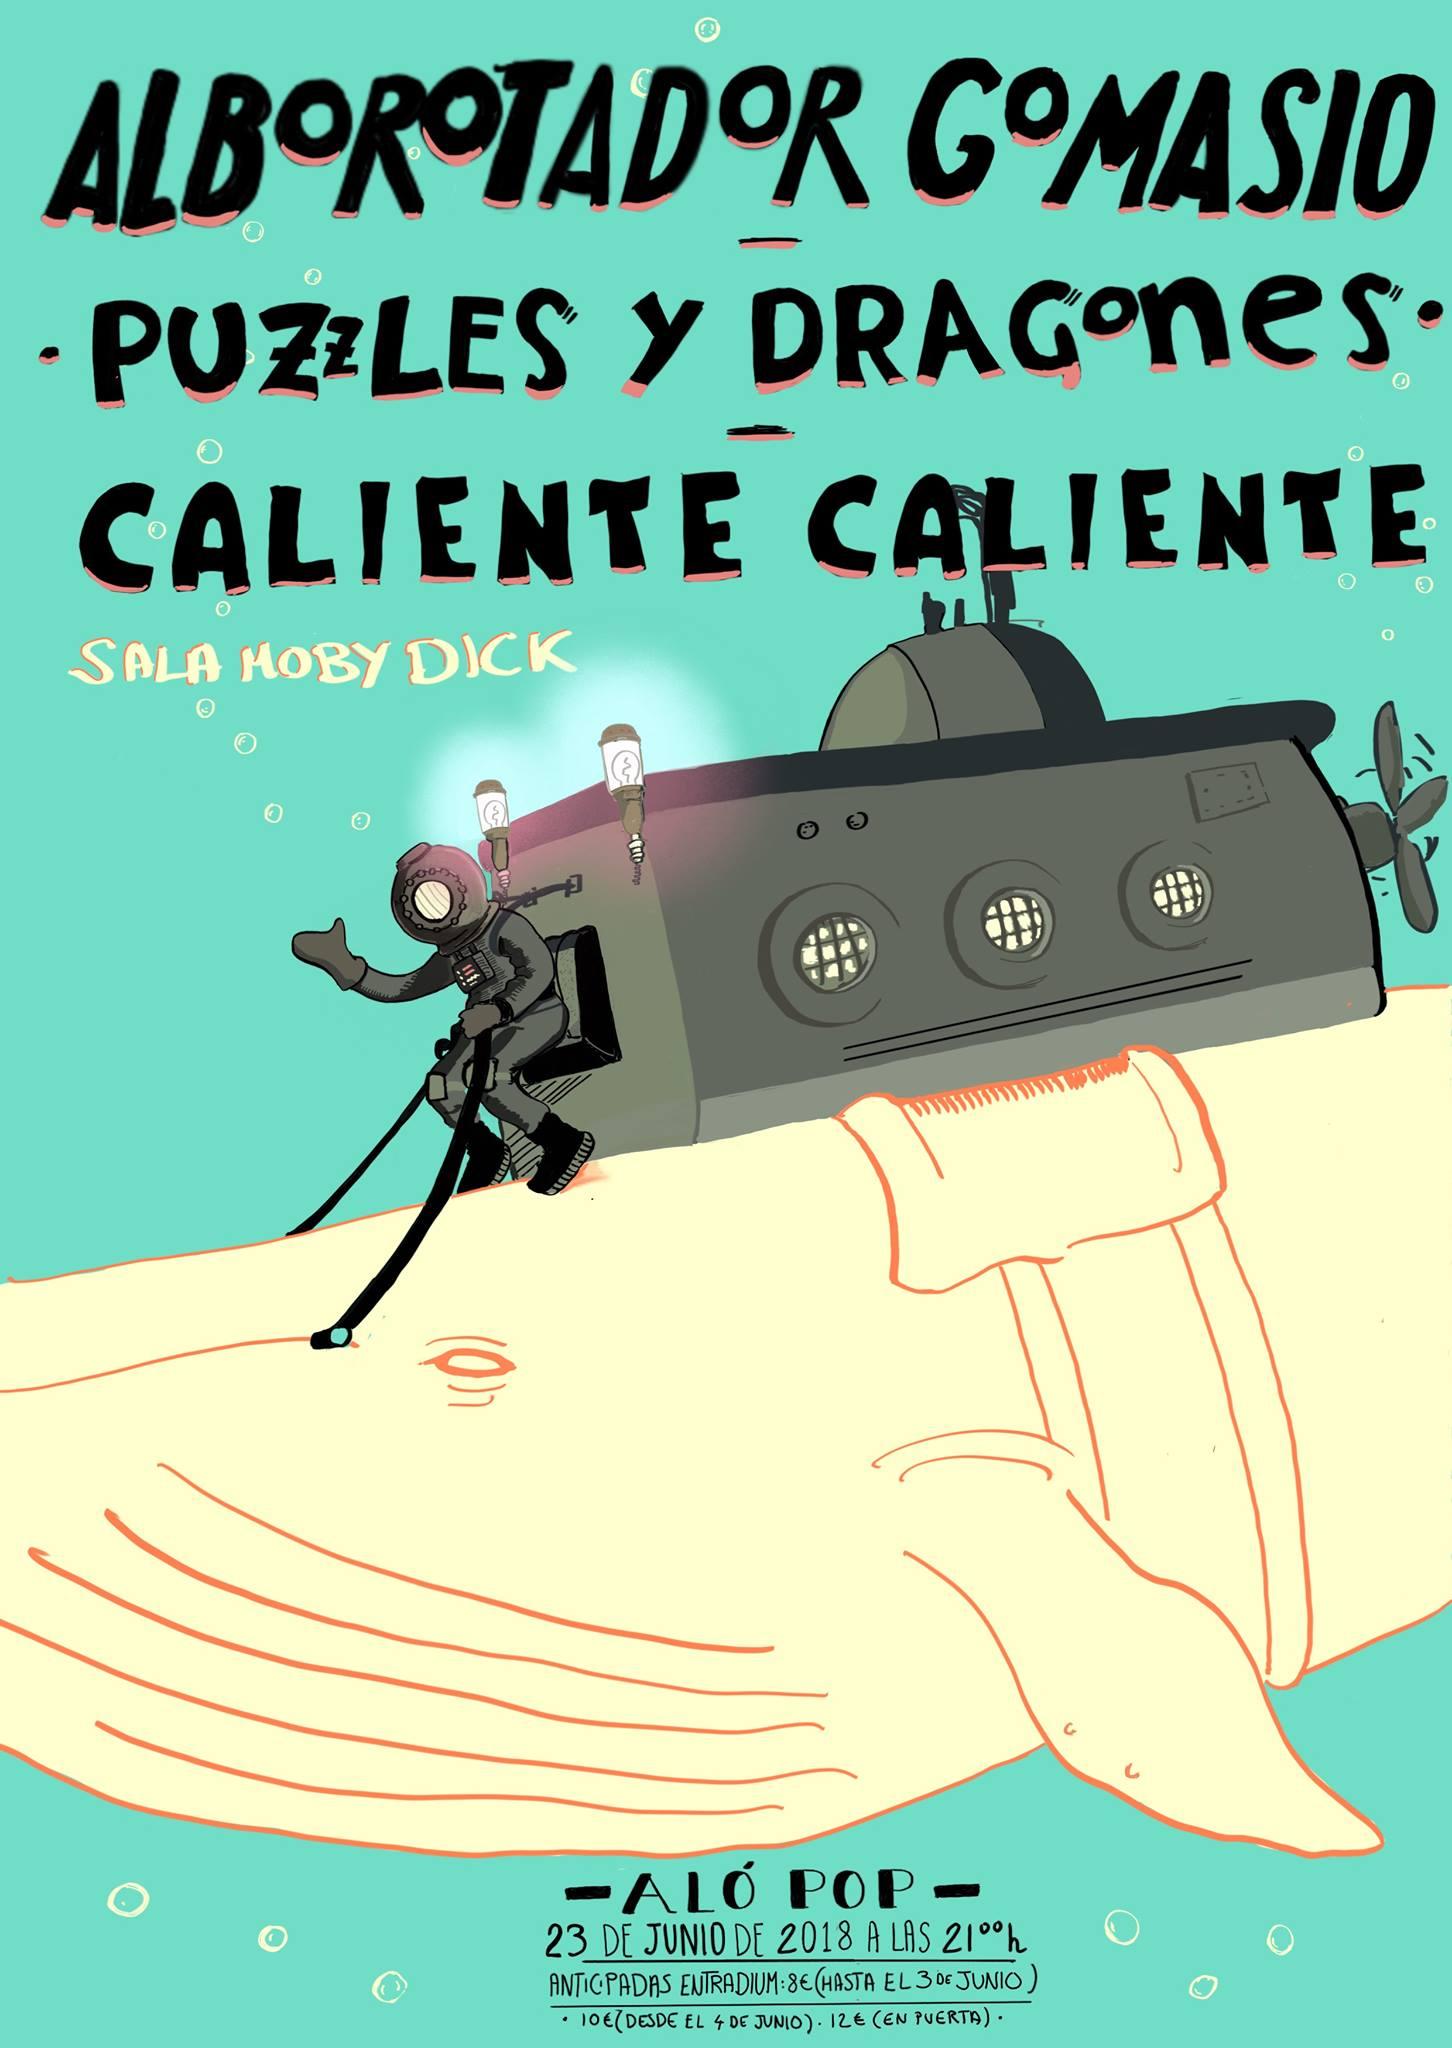 Alborotador Gomasio, Puzzles y Dragones y Caliente Caliente